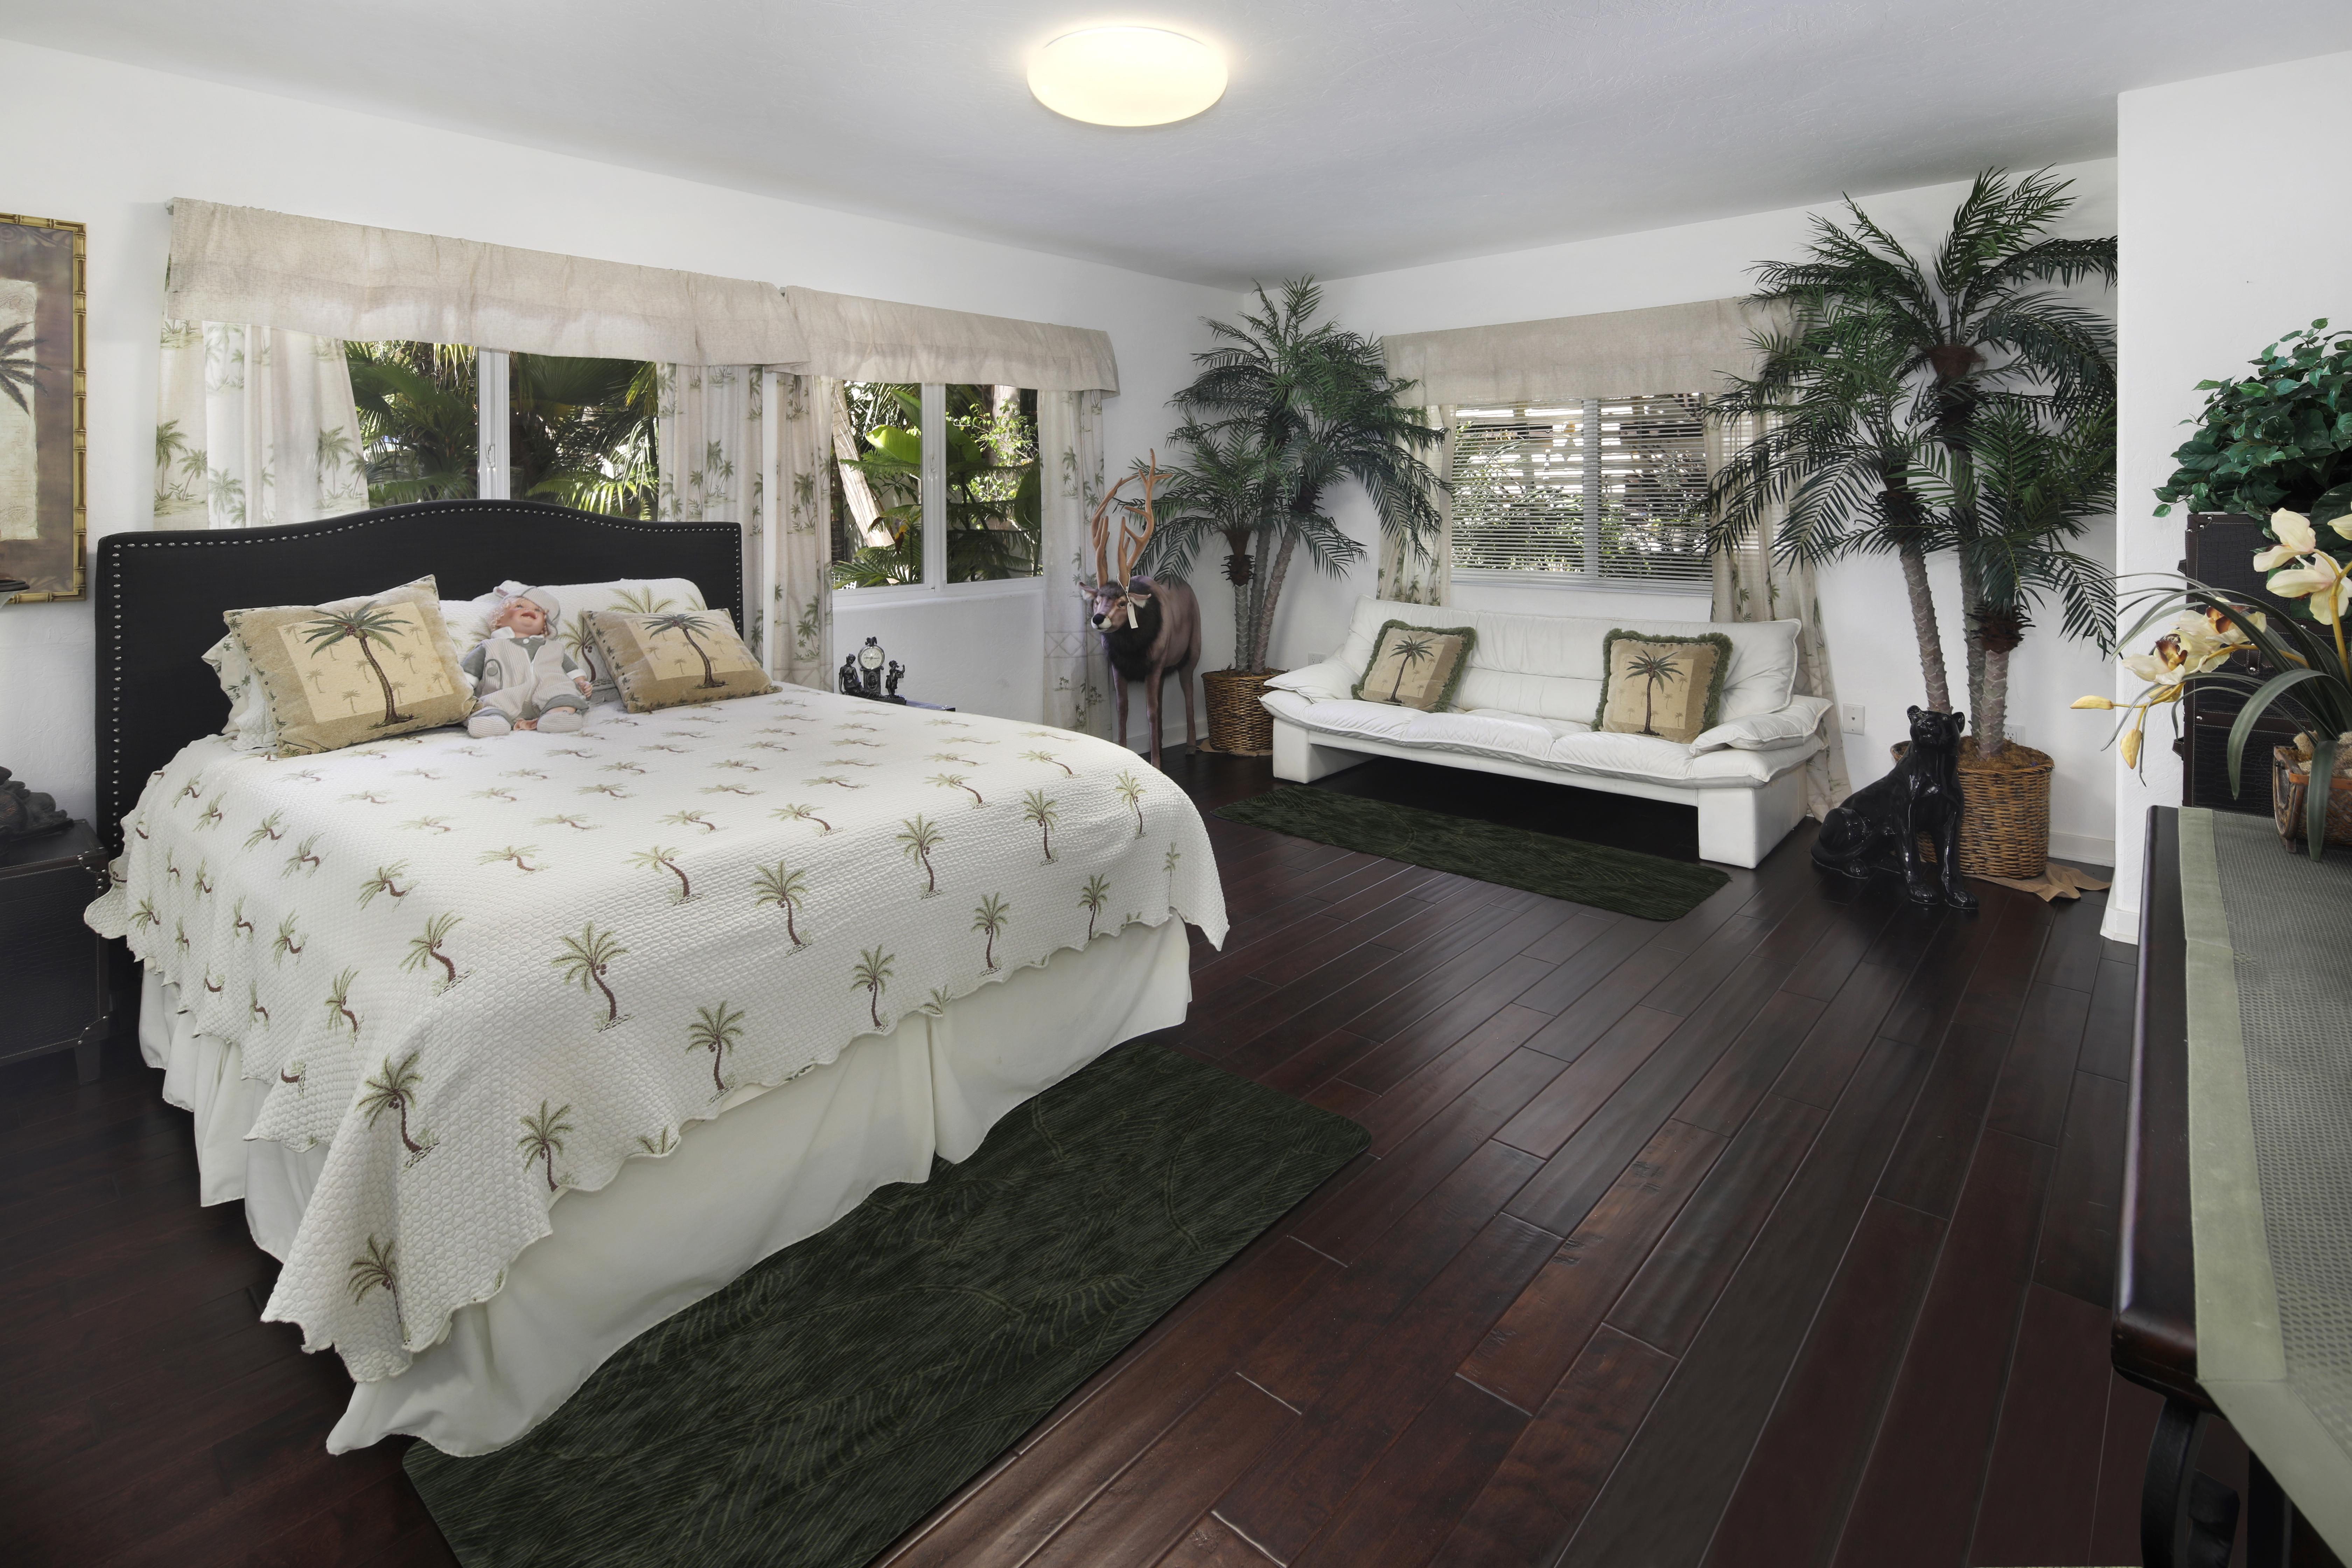 Фотография спальни Интерьер диване Кровать Подушки дизайна Спальня спальне Диван постель кровати подушка Дизайн